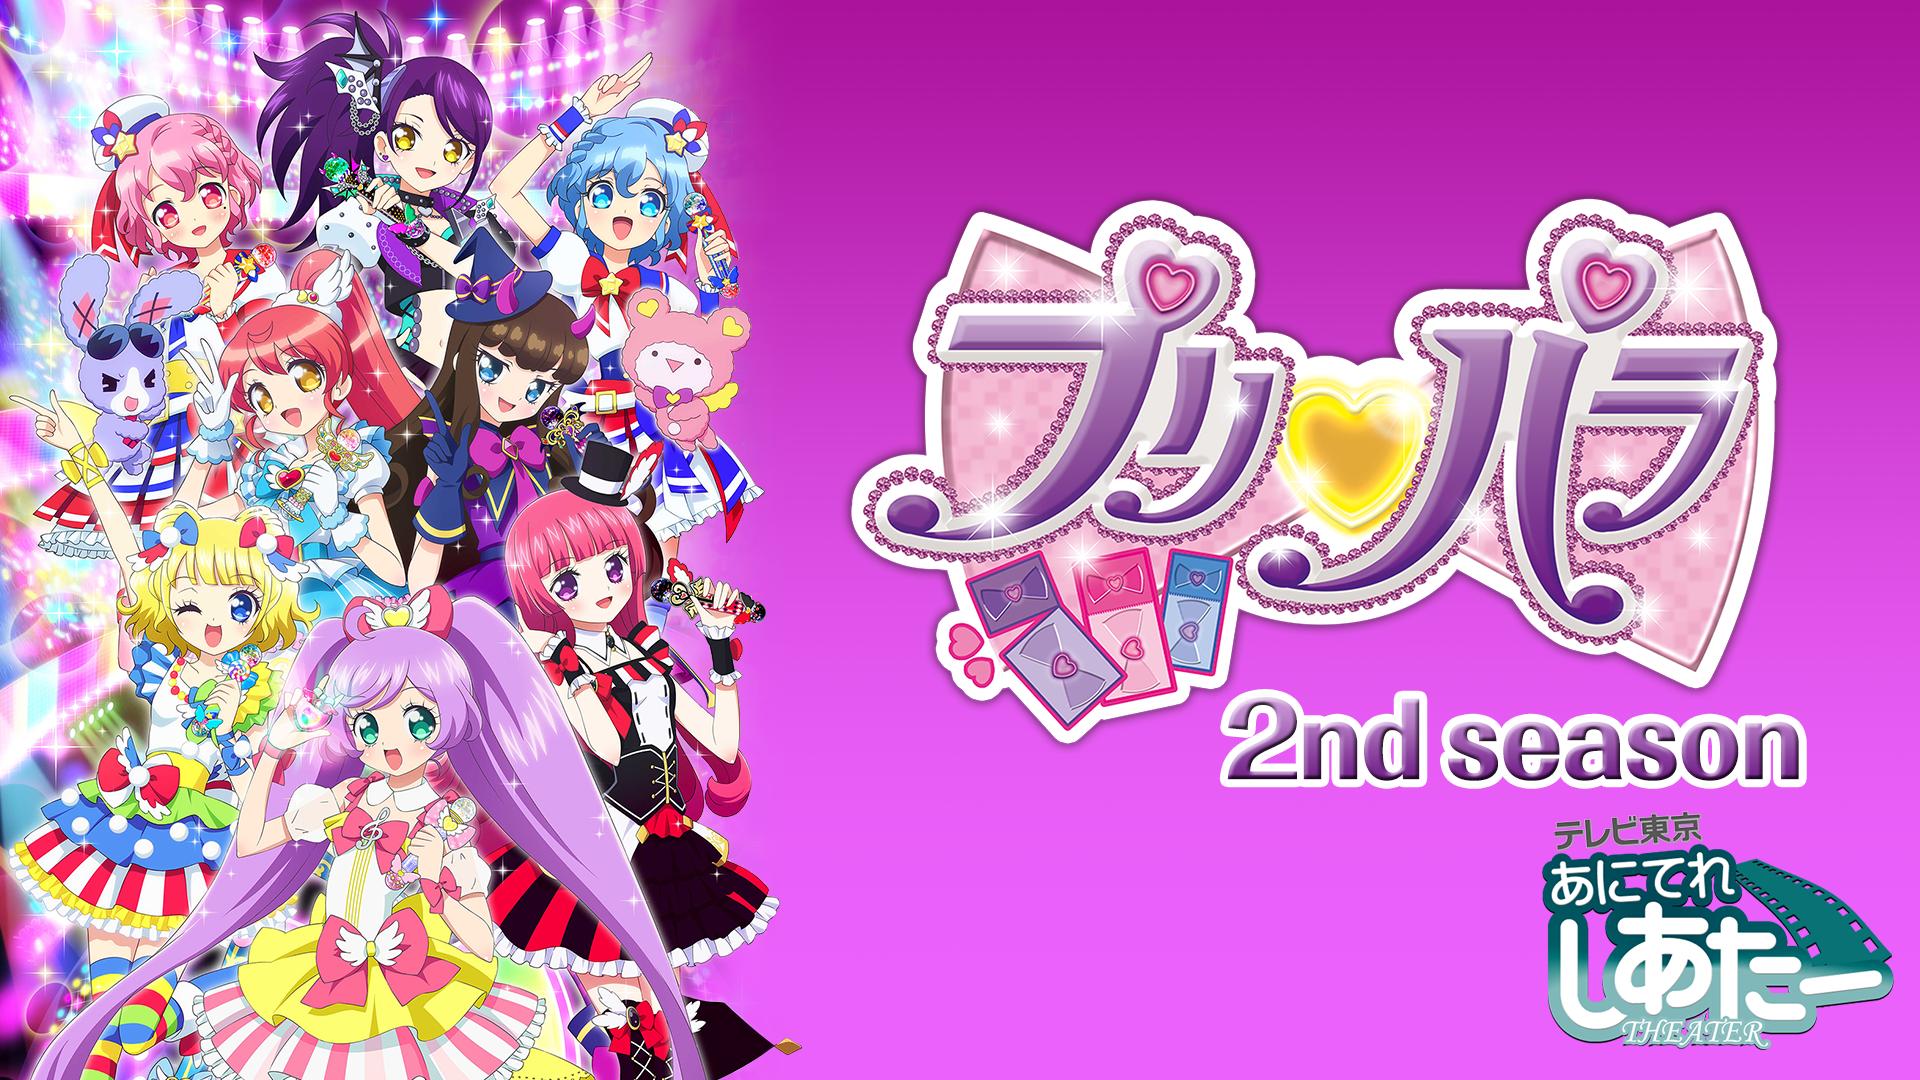 プリパラ 2nd seasonの動画 - 劇場版 プリパラ み~んなでかがやけ!キラリン☆スターライブ!ひびきのコース